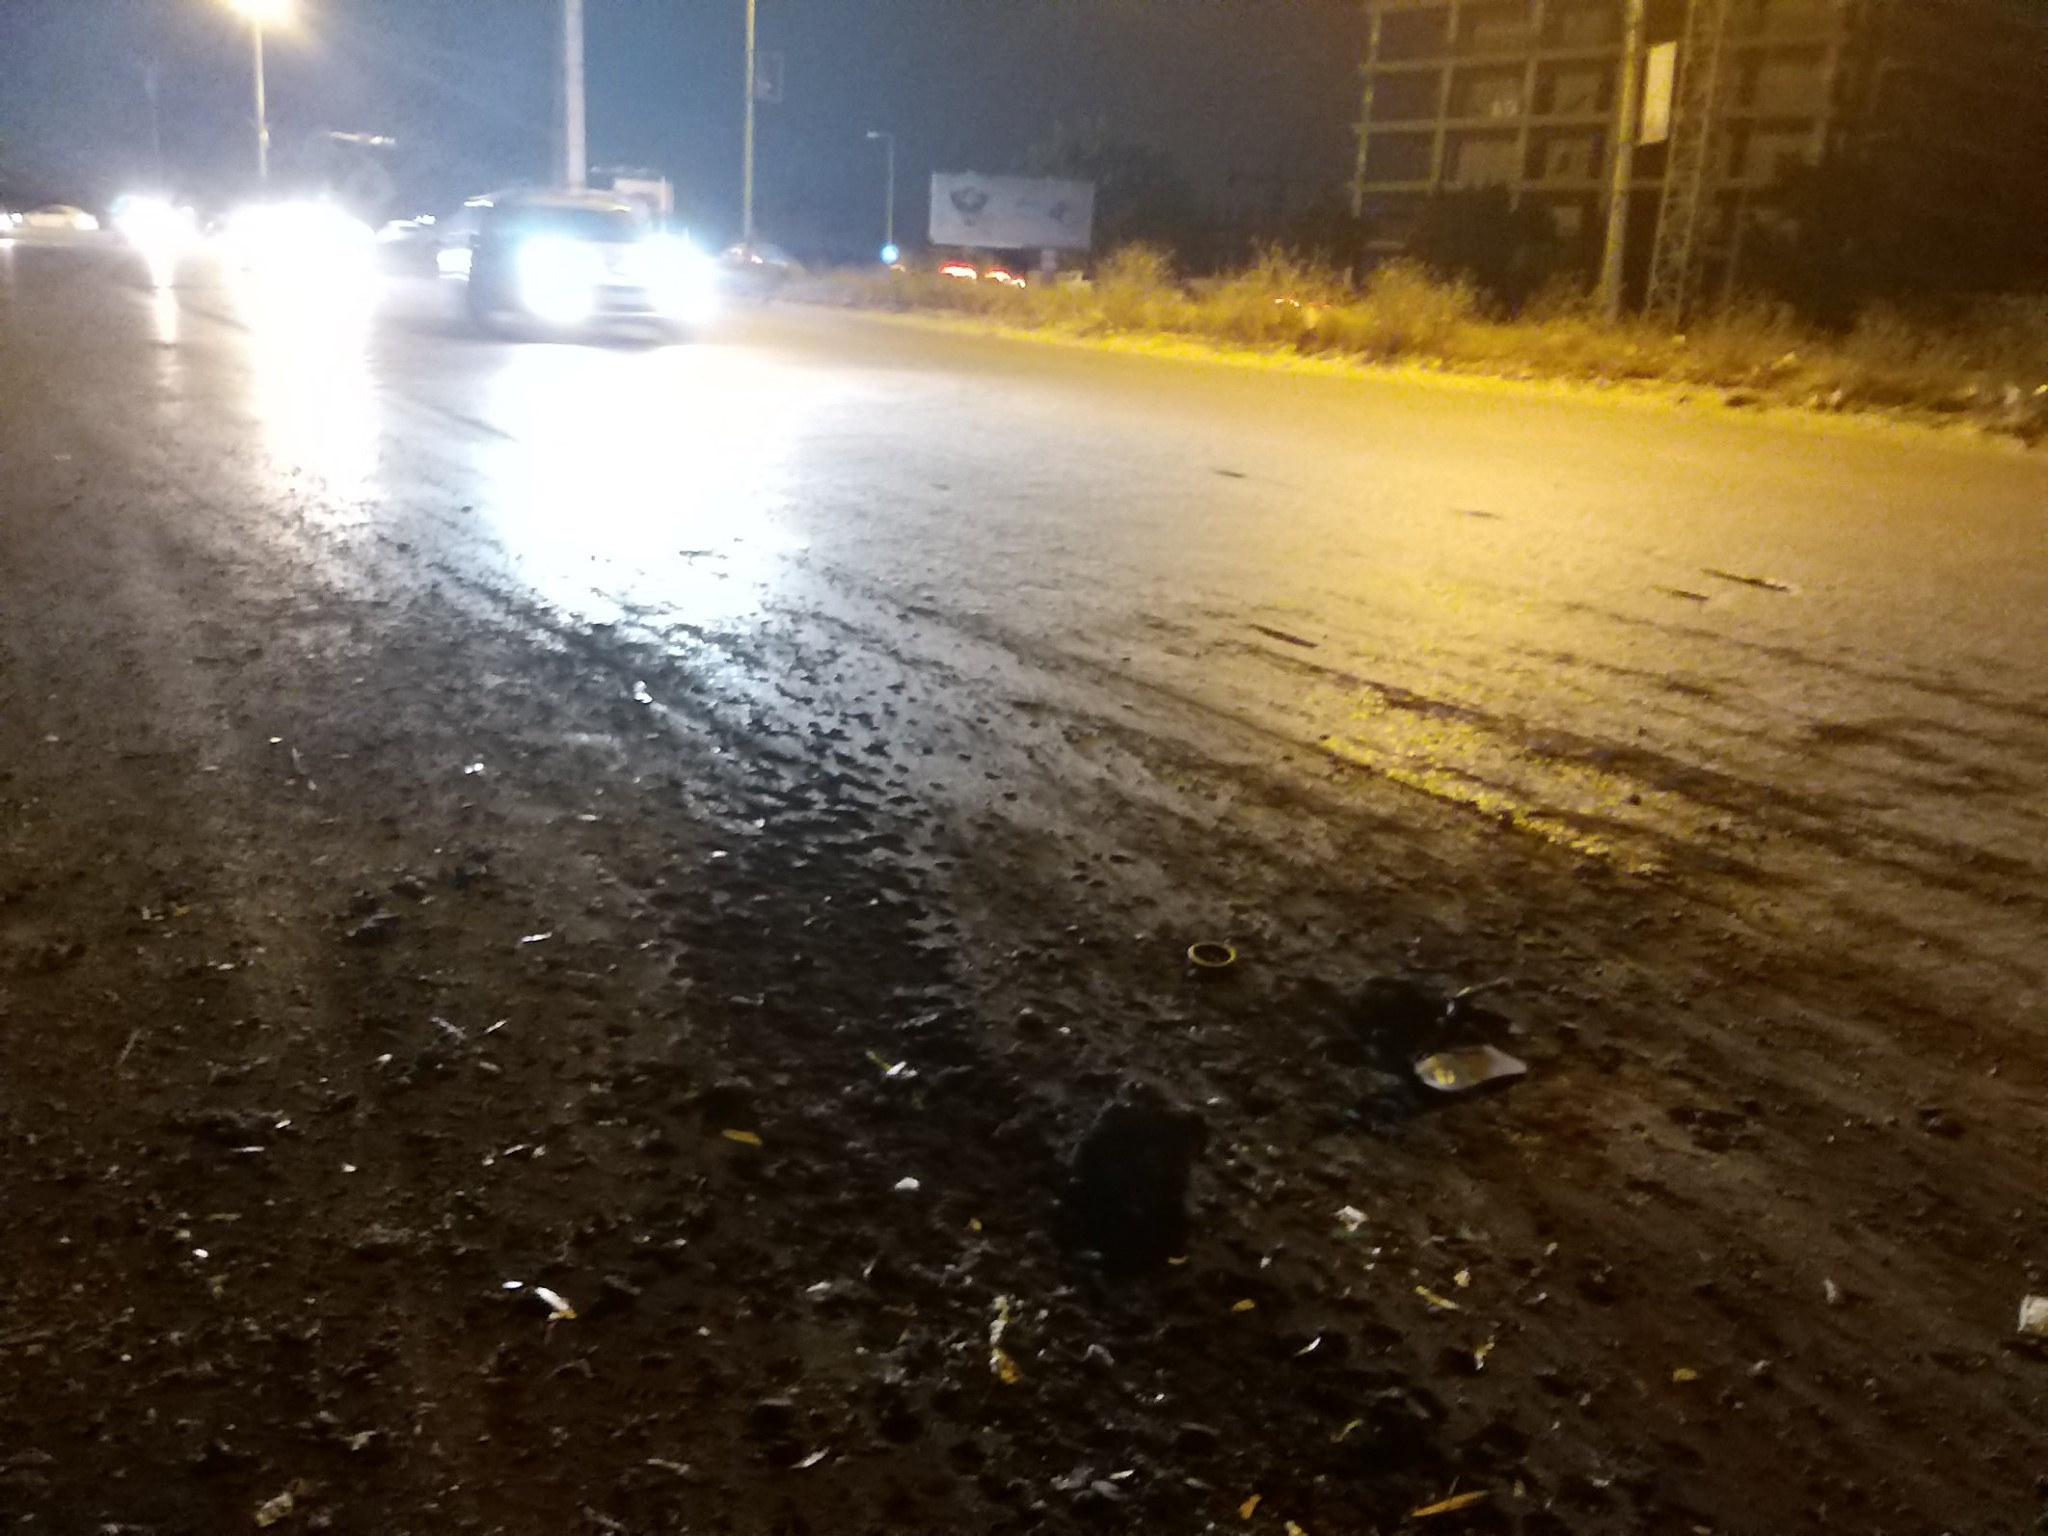 بلدية أبوسليم: القذائف العشوائية أدّت إلى إصابة 3 مدنيين